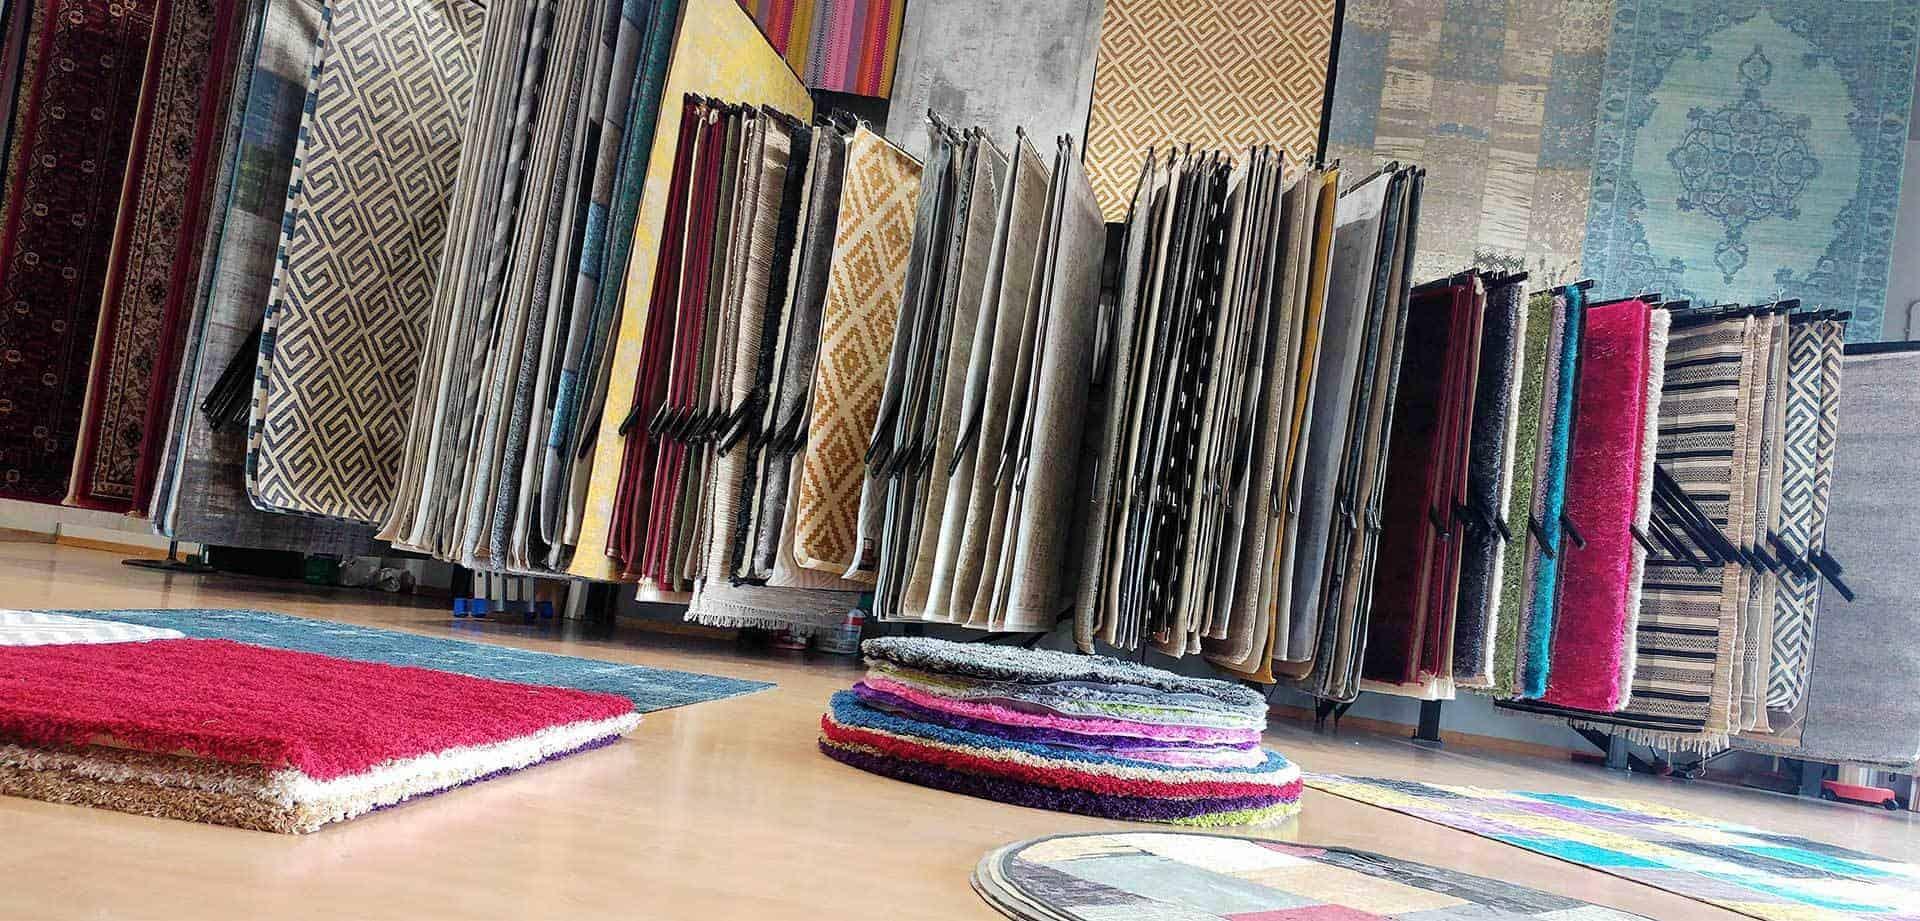 האם כדאי לקנות שטיחים זולים?